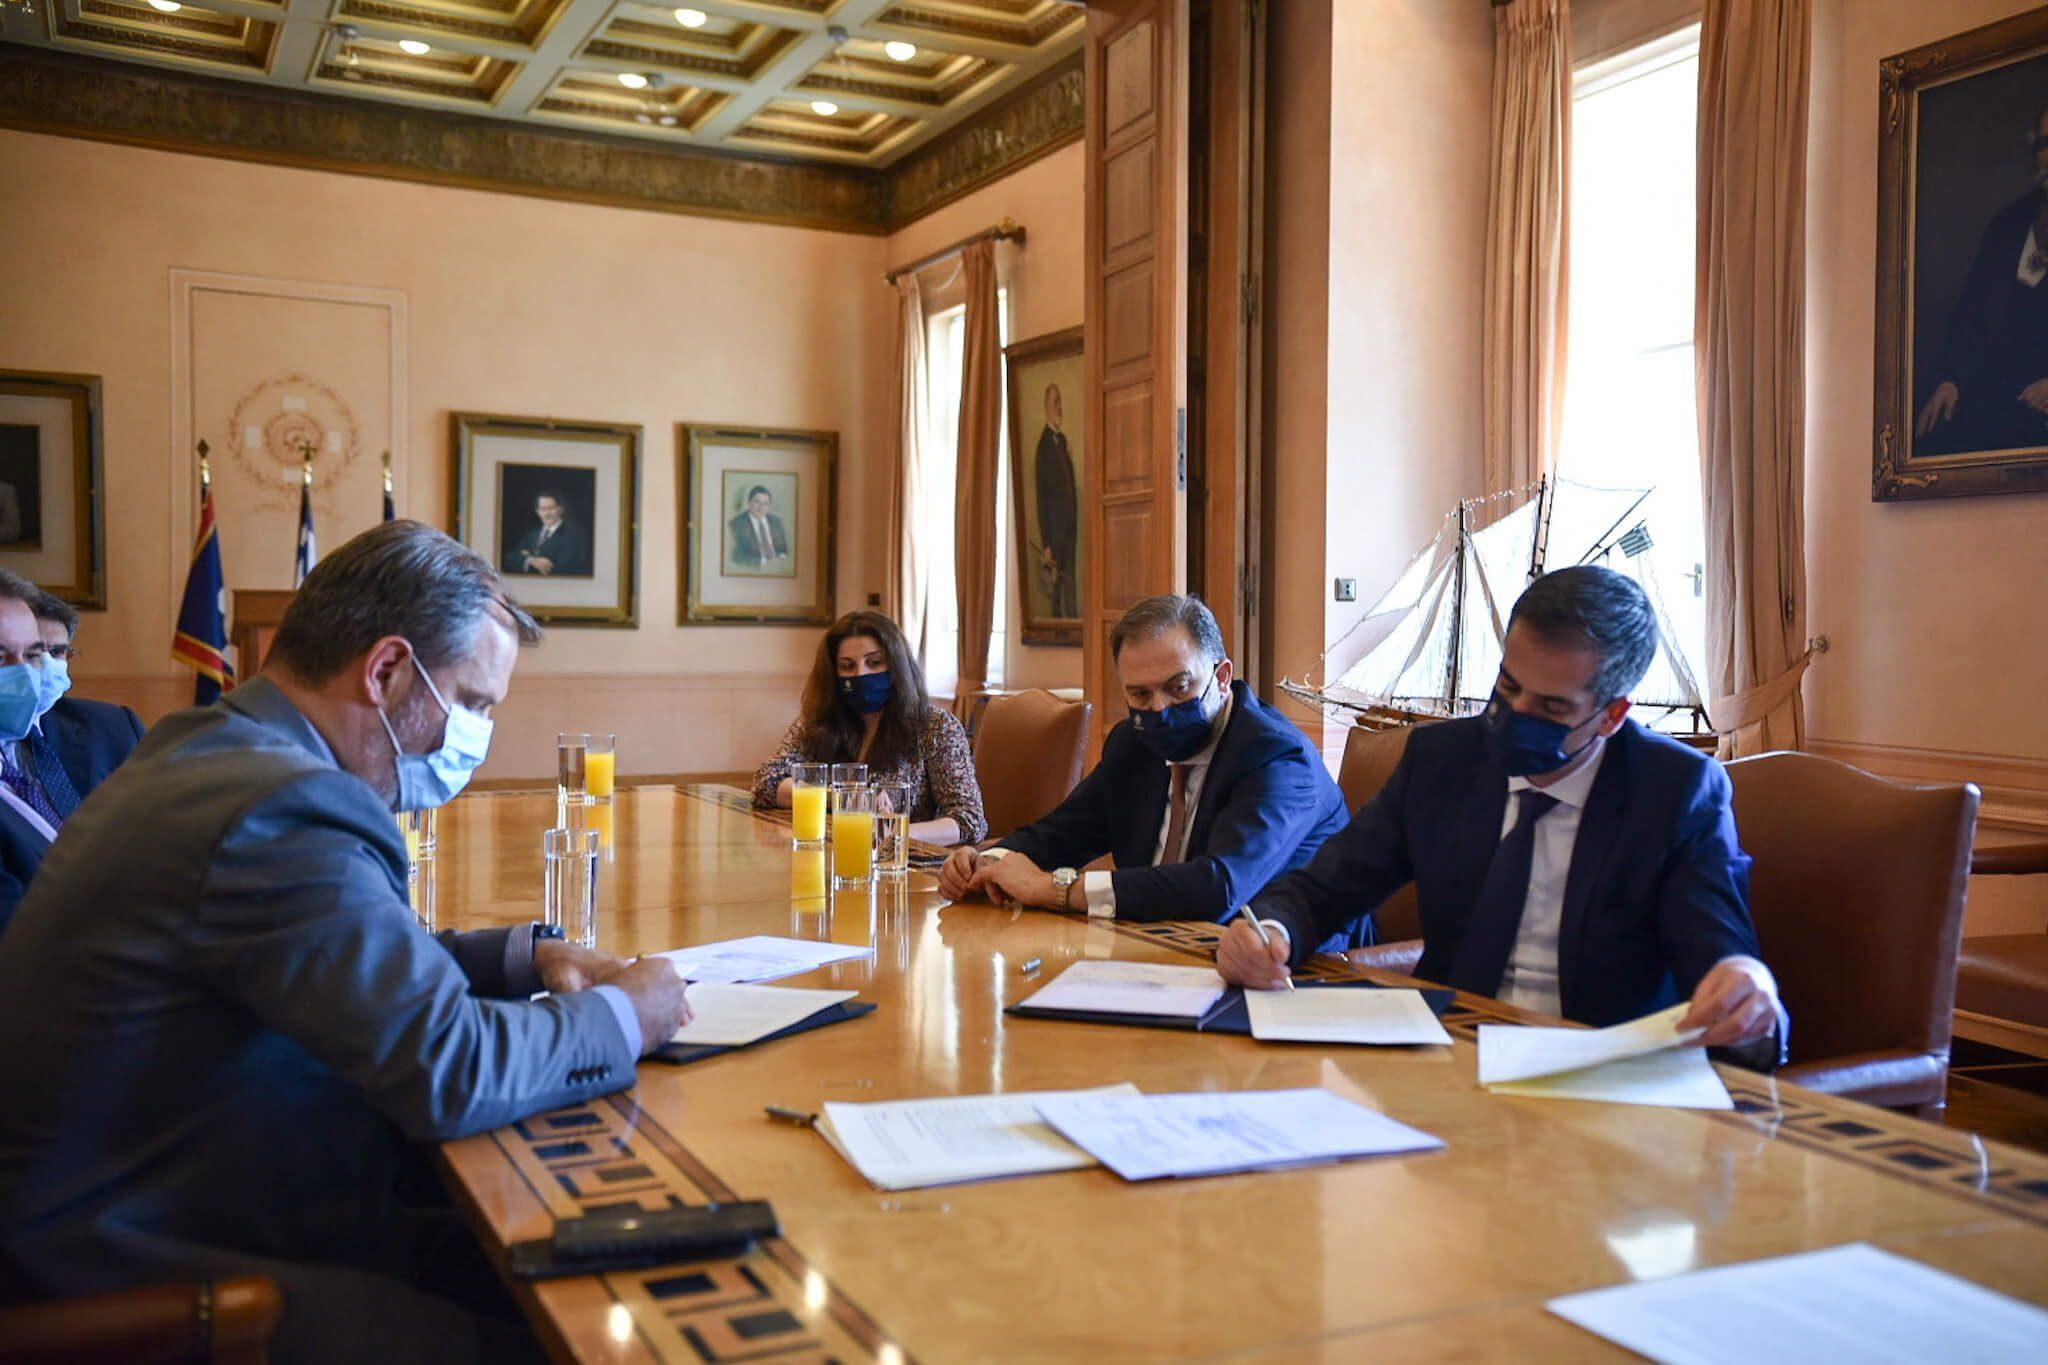 Συμφωνία Δήμου Αθηναίων - ΕΤΑΔ για την αναγέννηση του Λυκαβηττού